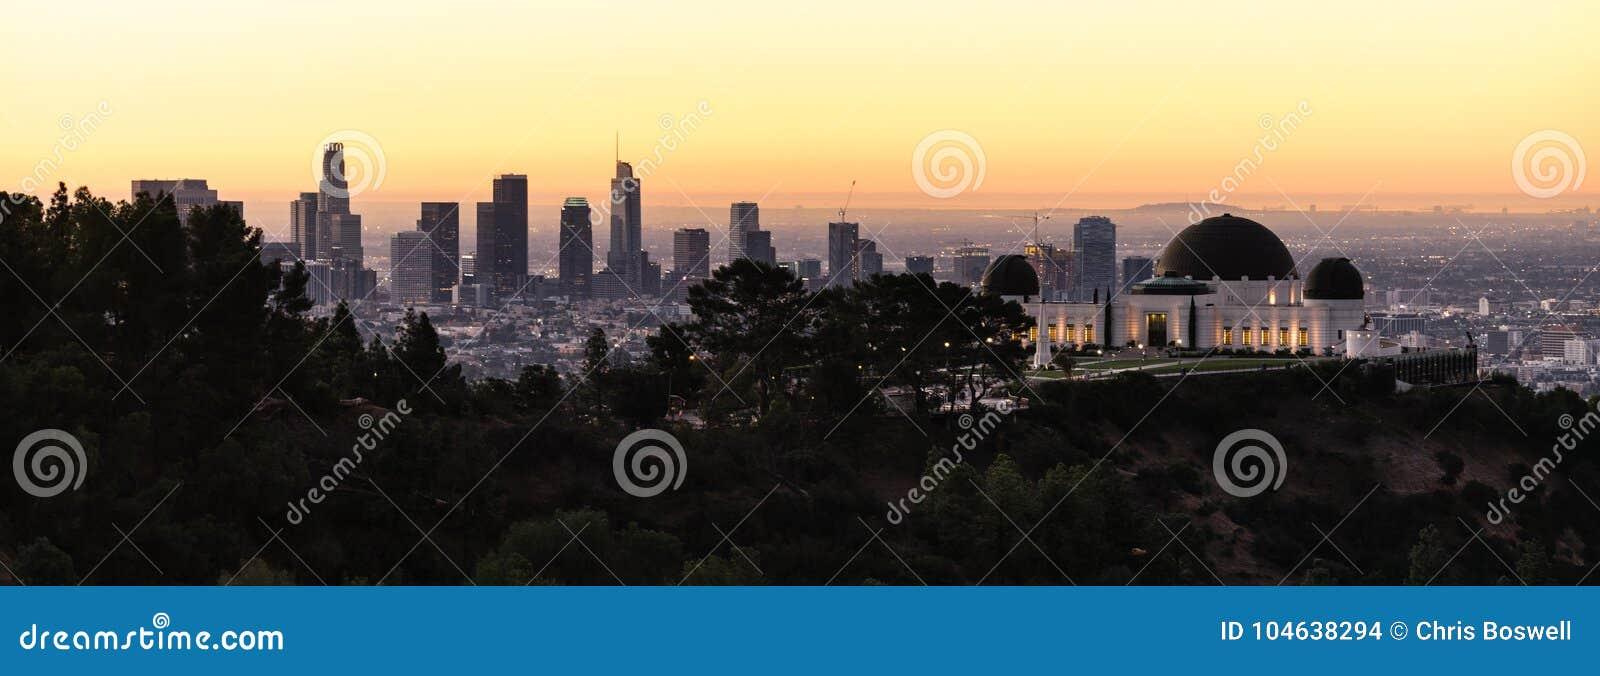 Download Mooie Lichte De Stadshorizon Van De Binnenstad Stedelijke Metropol Van Los Angeles Stock Foto - Afbeelding bestaande uit hollywood, aantrekkelijkheid: 104638294